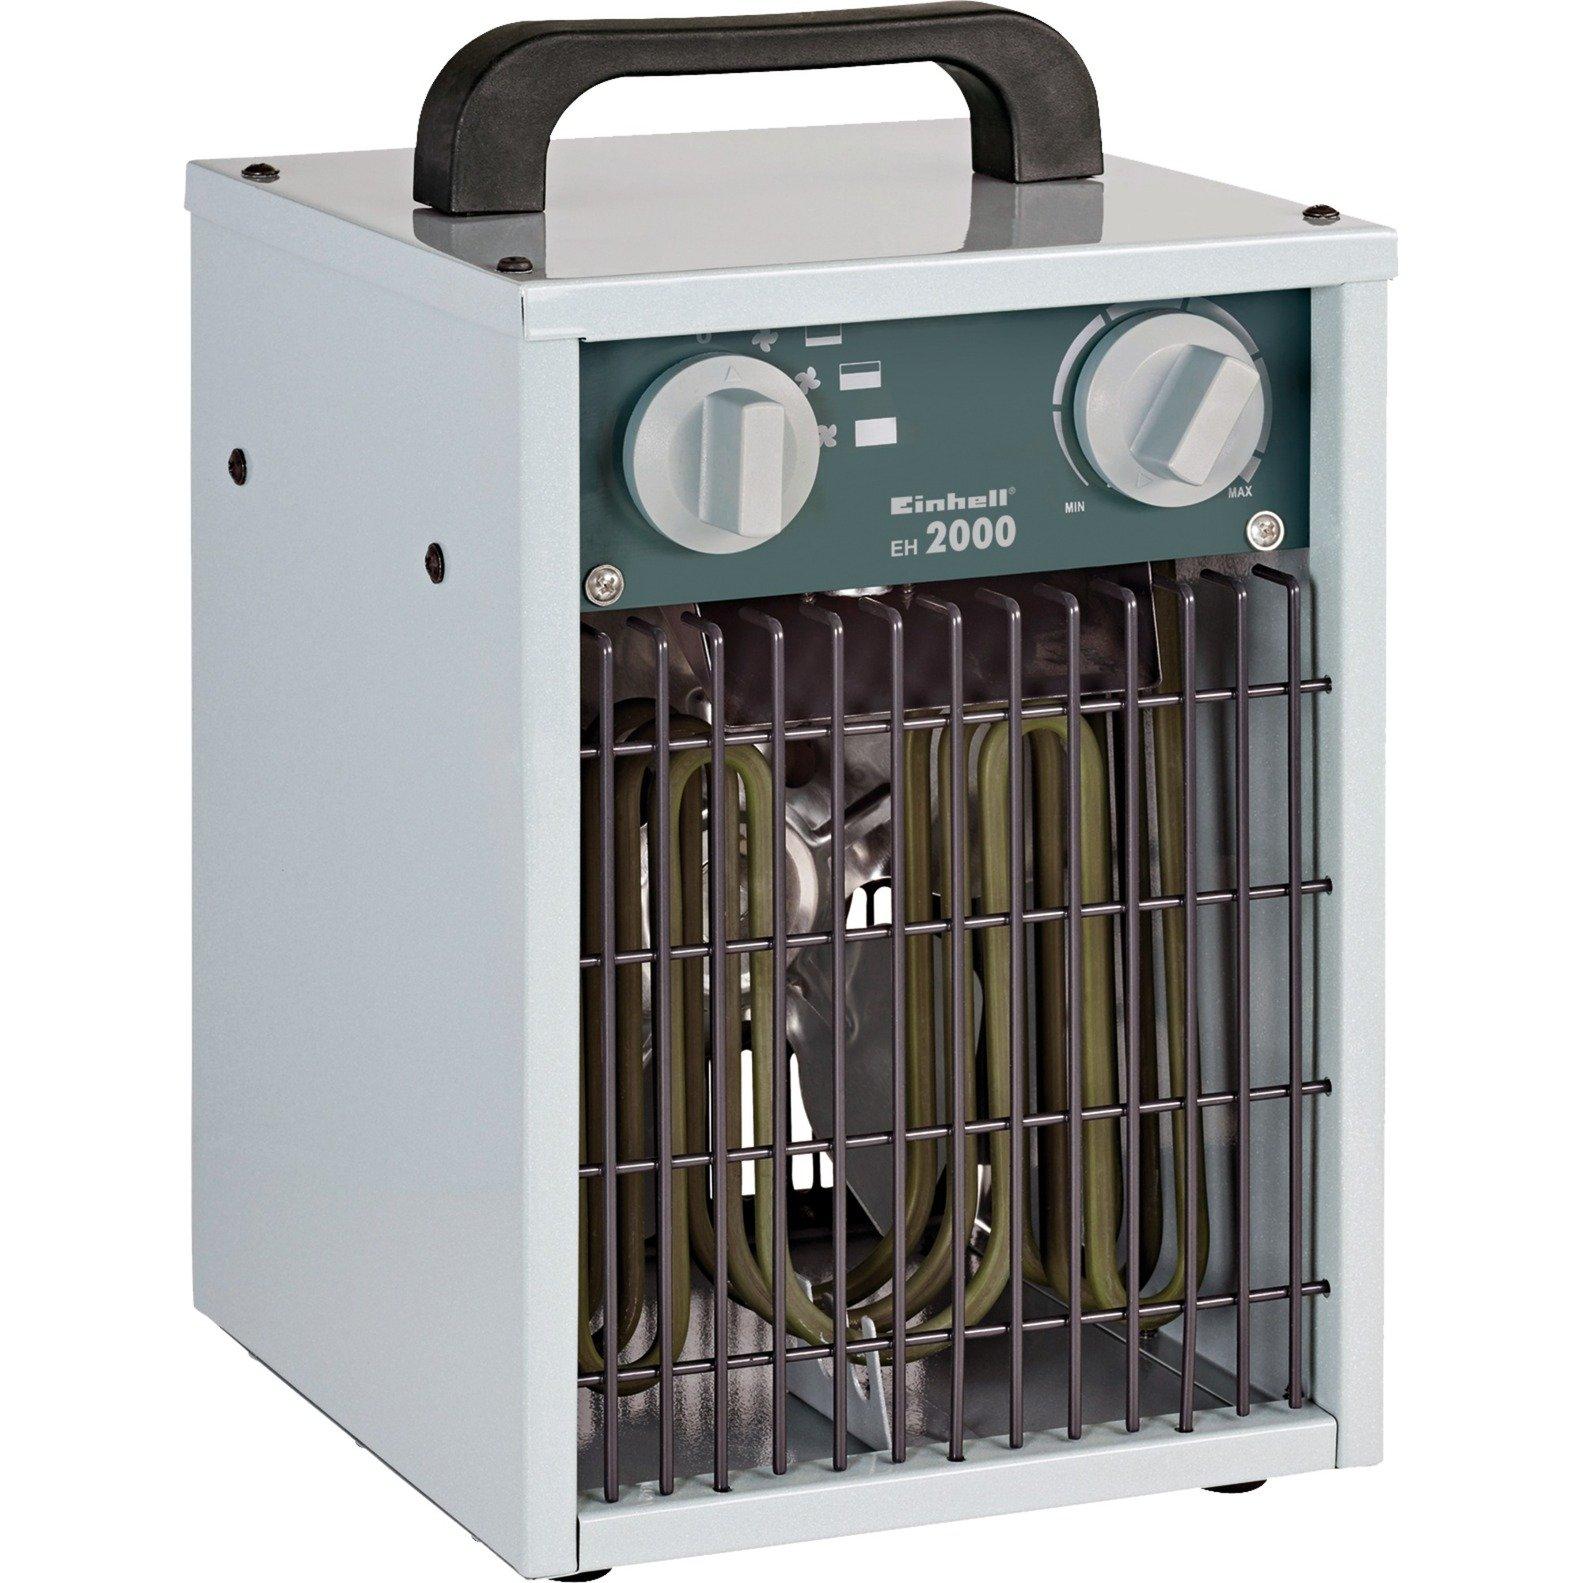 Calentador electrico de taza del usb para precios - Oferta calentador electrico ...